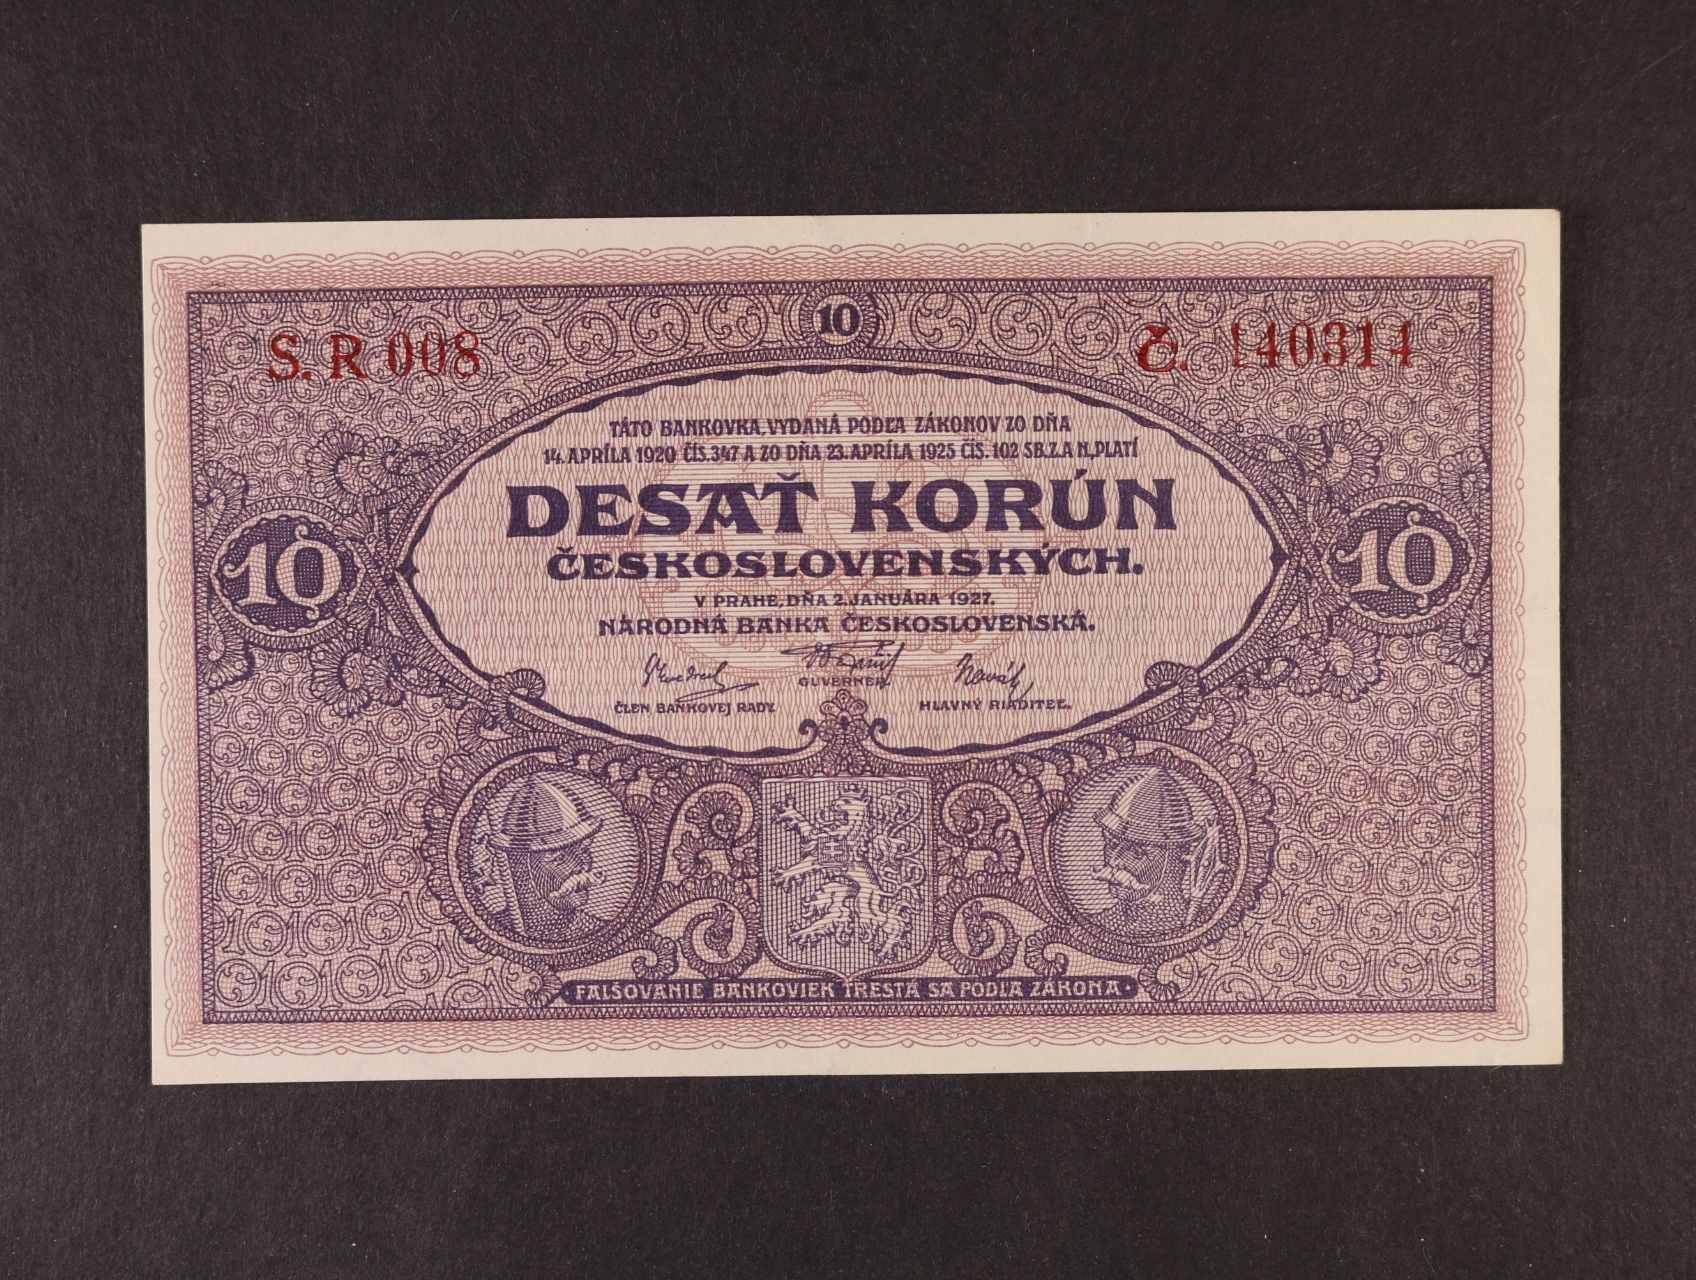 10 Kč 2.1.1927 série R 008, Ba. 22b, Pi. 20a